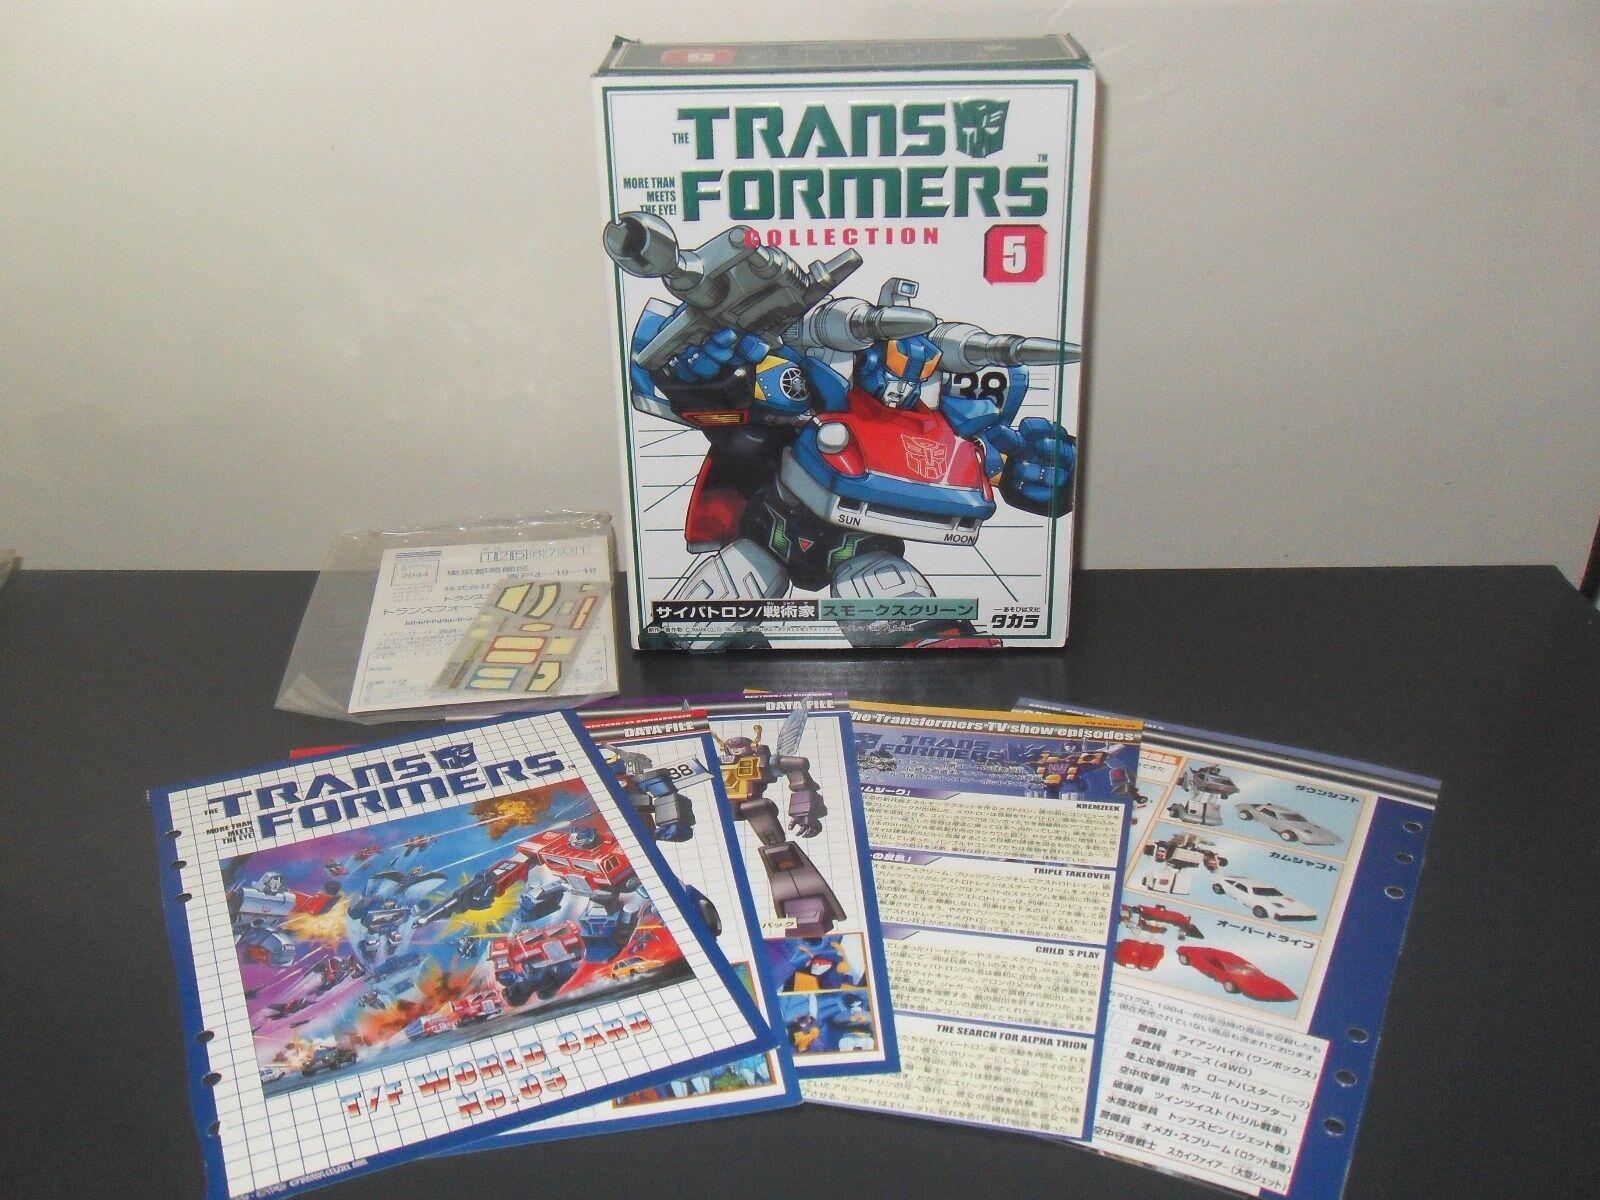 Transformers g1 réédition Takara collection 5 écran De fumée Comme neuf